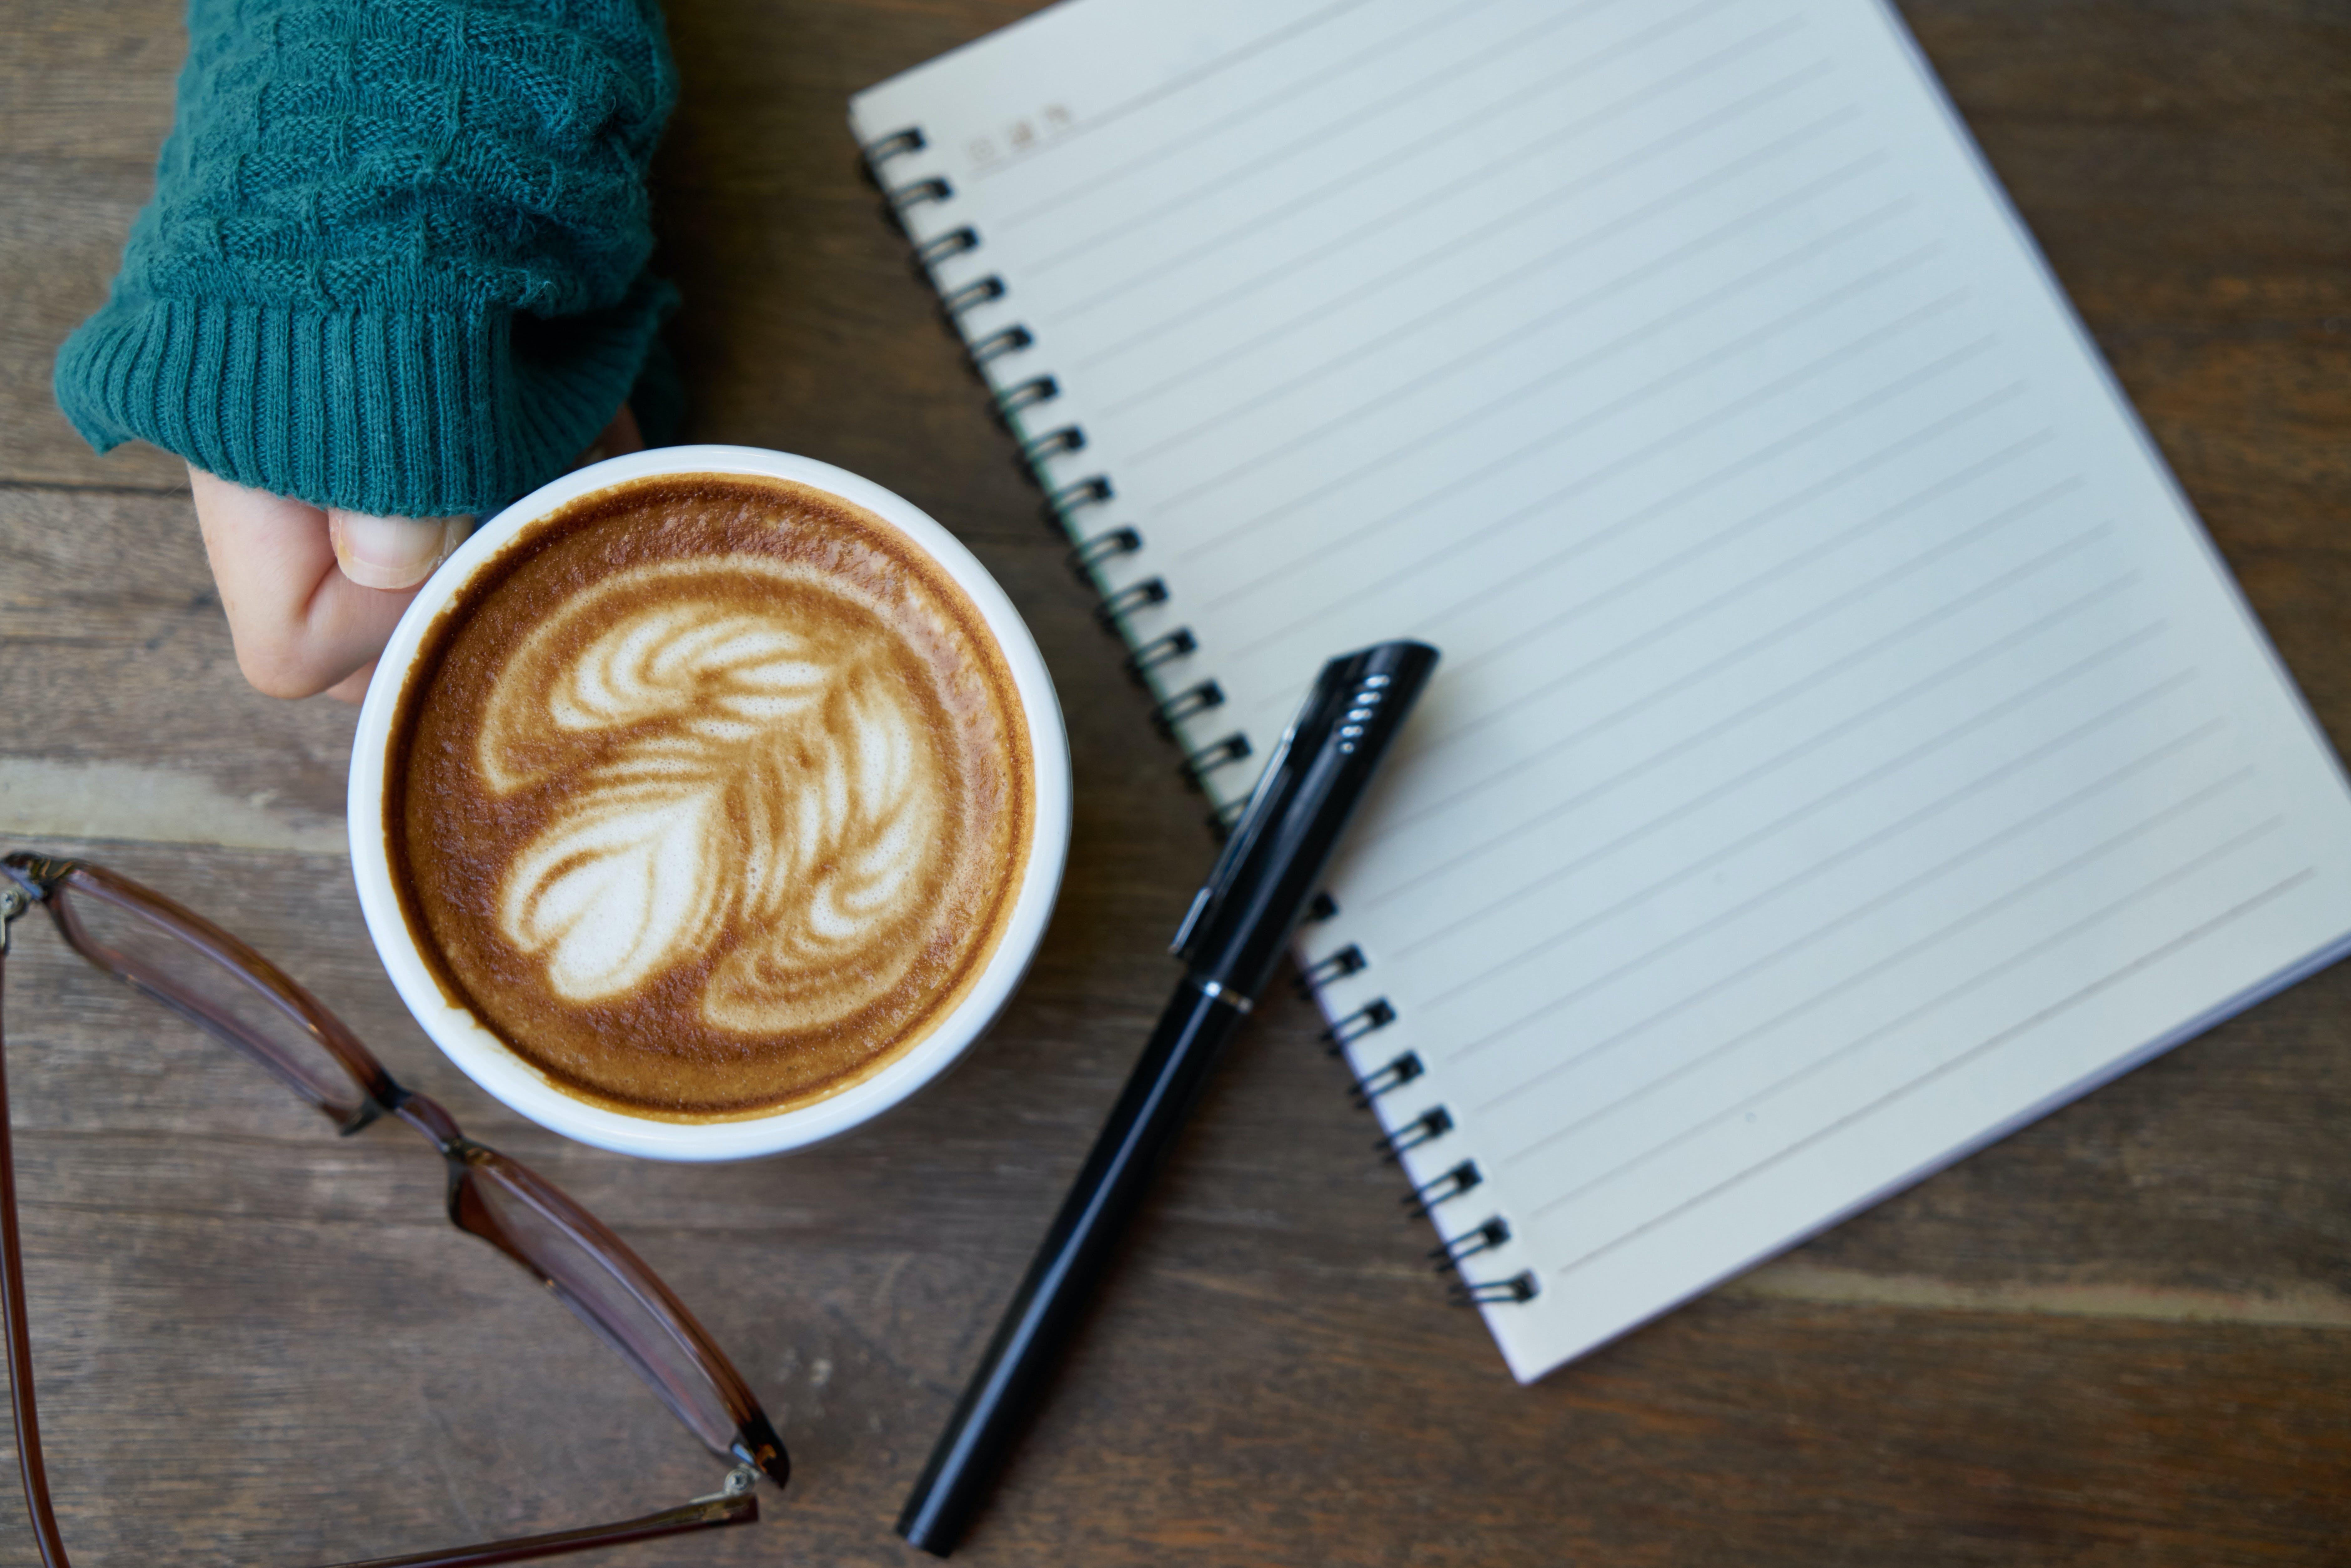 White Ceramic Mug Beside Ballpoint Pen